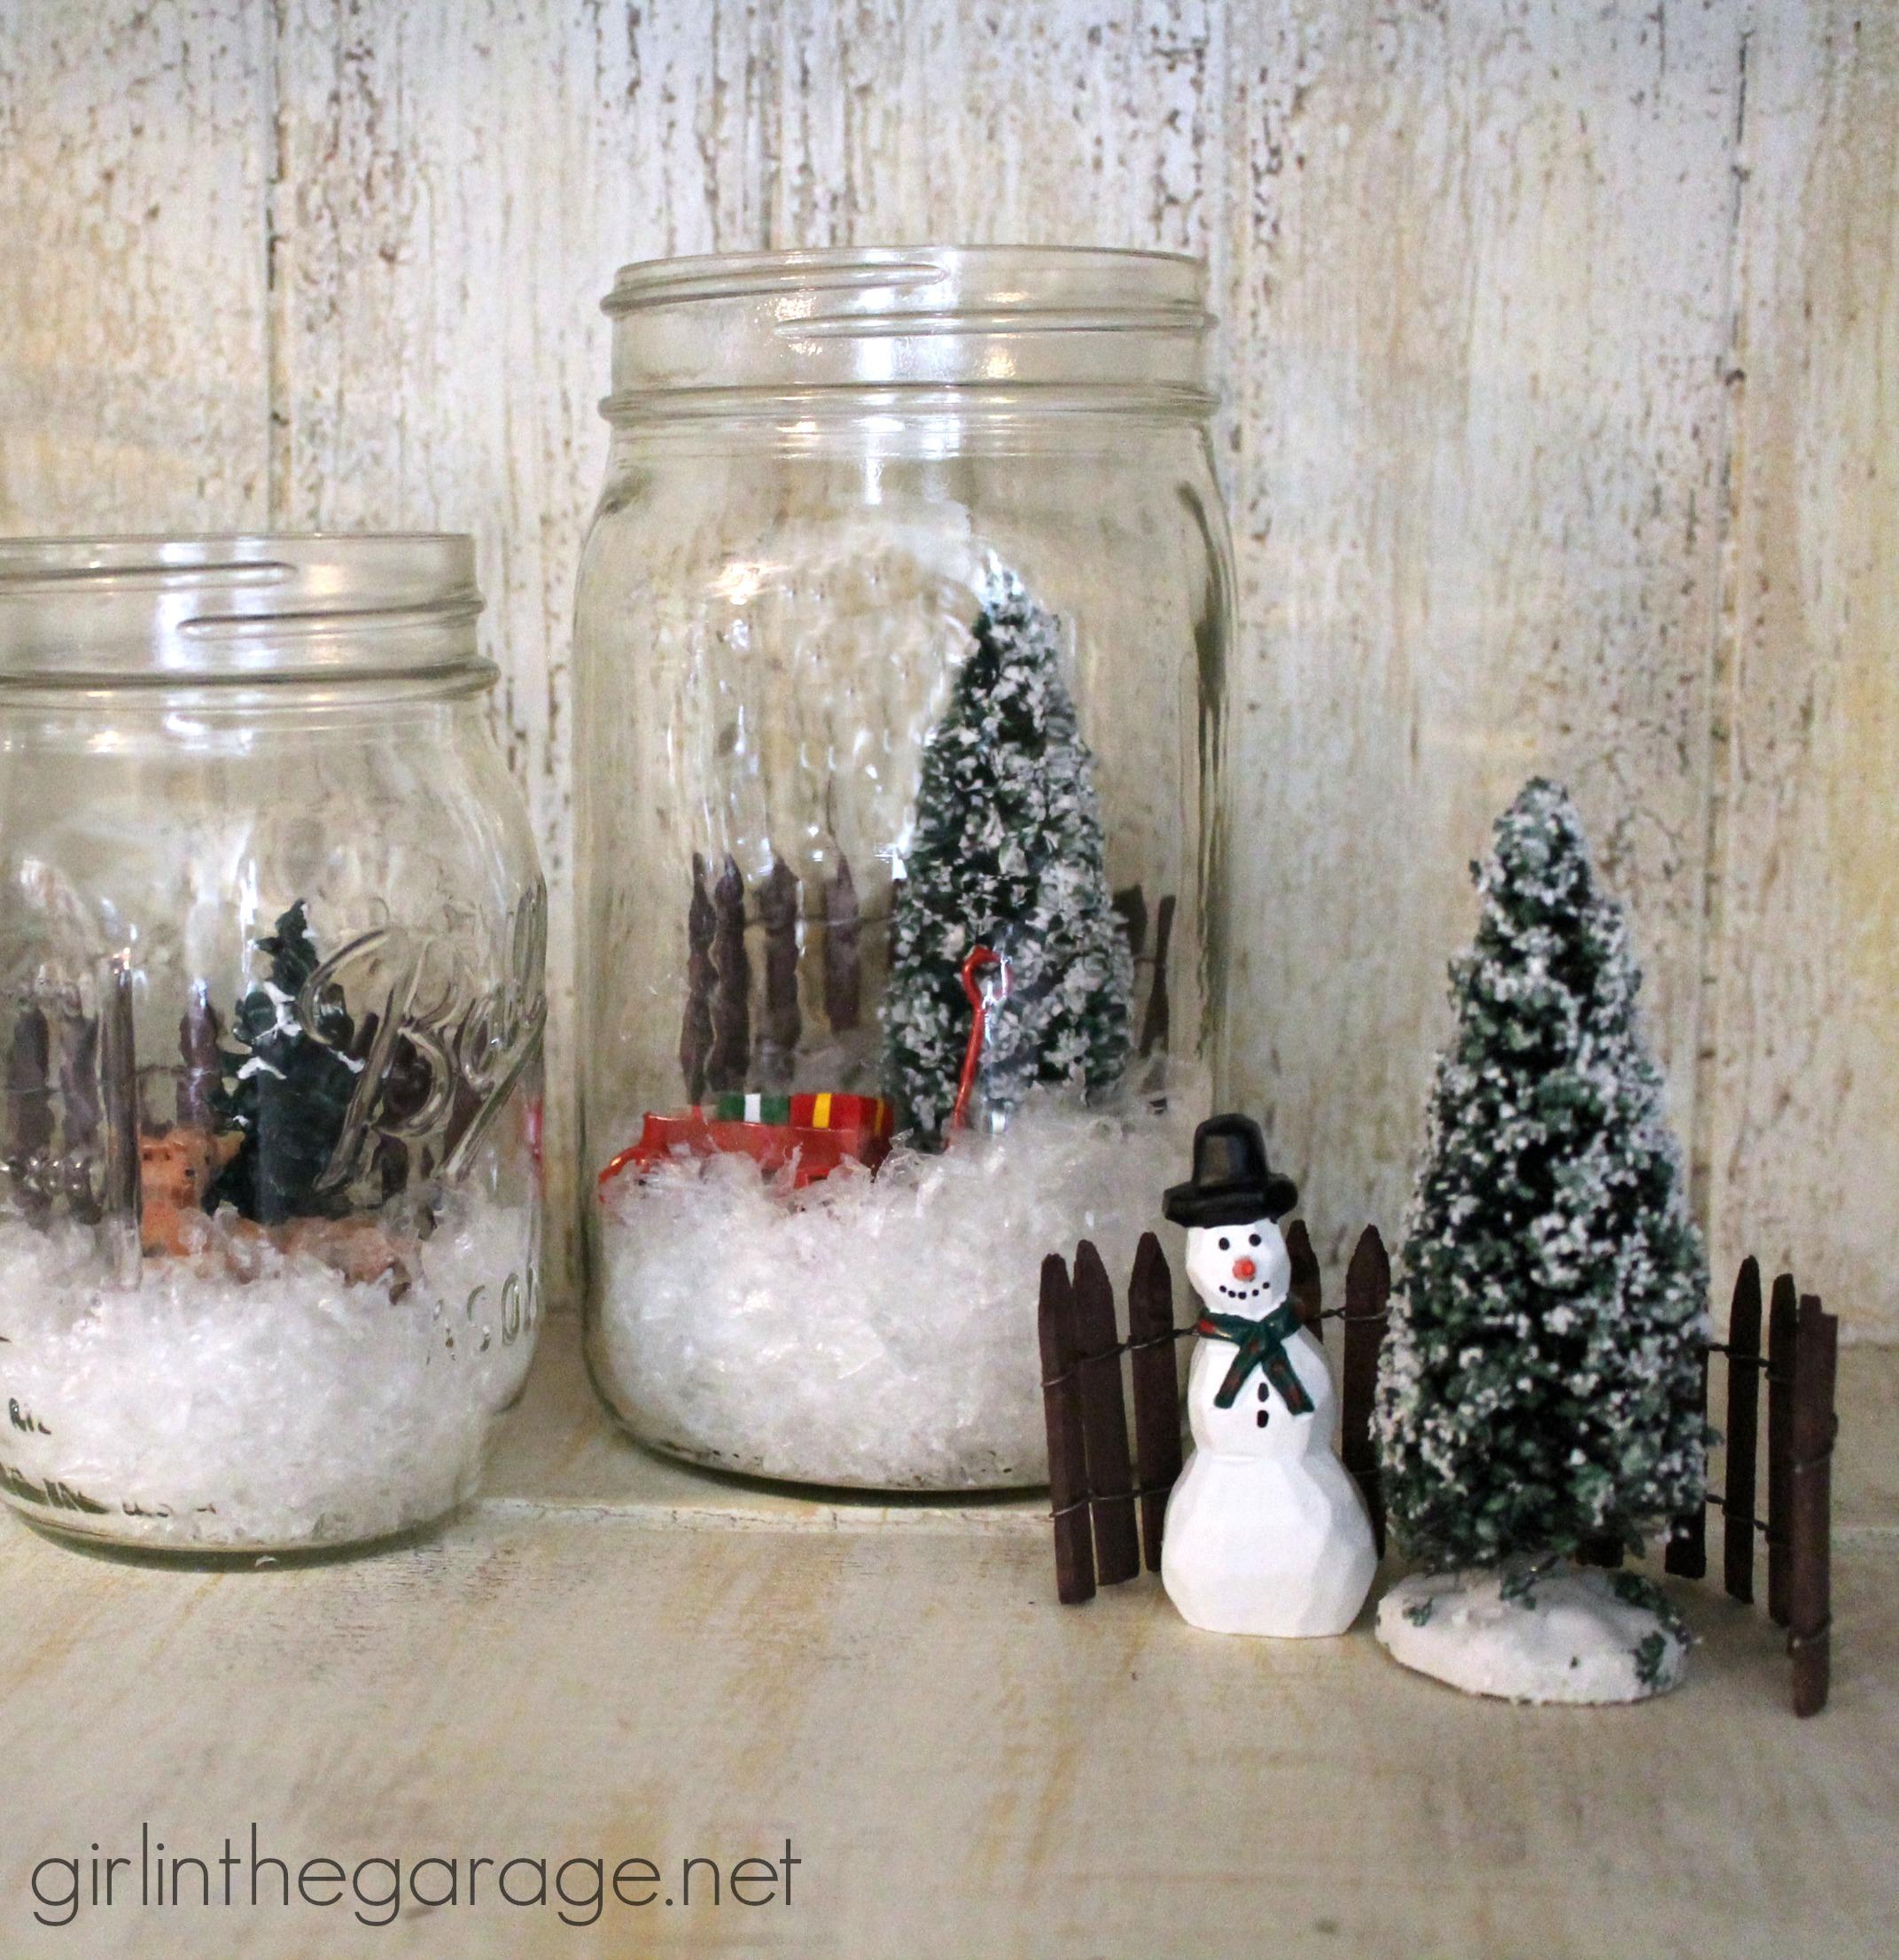 Winter Scene In A Mason Jar Girl In The Garage